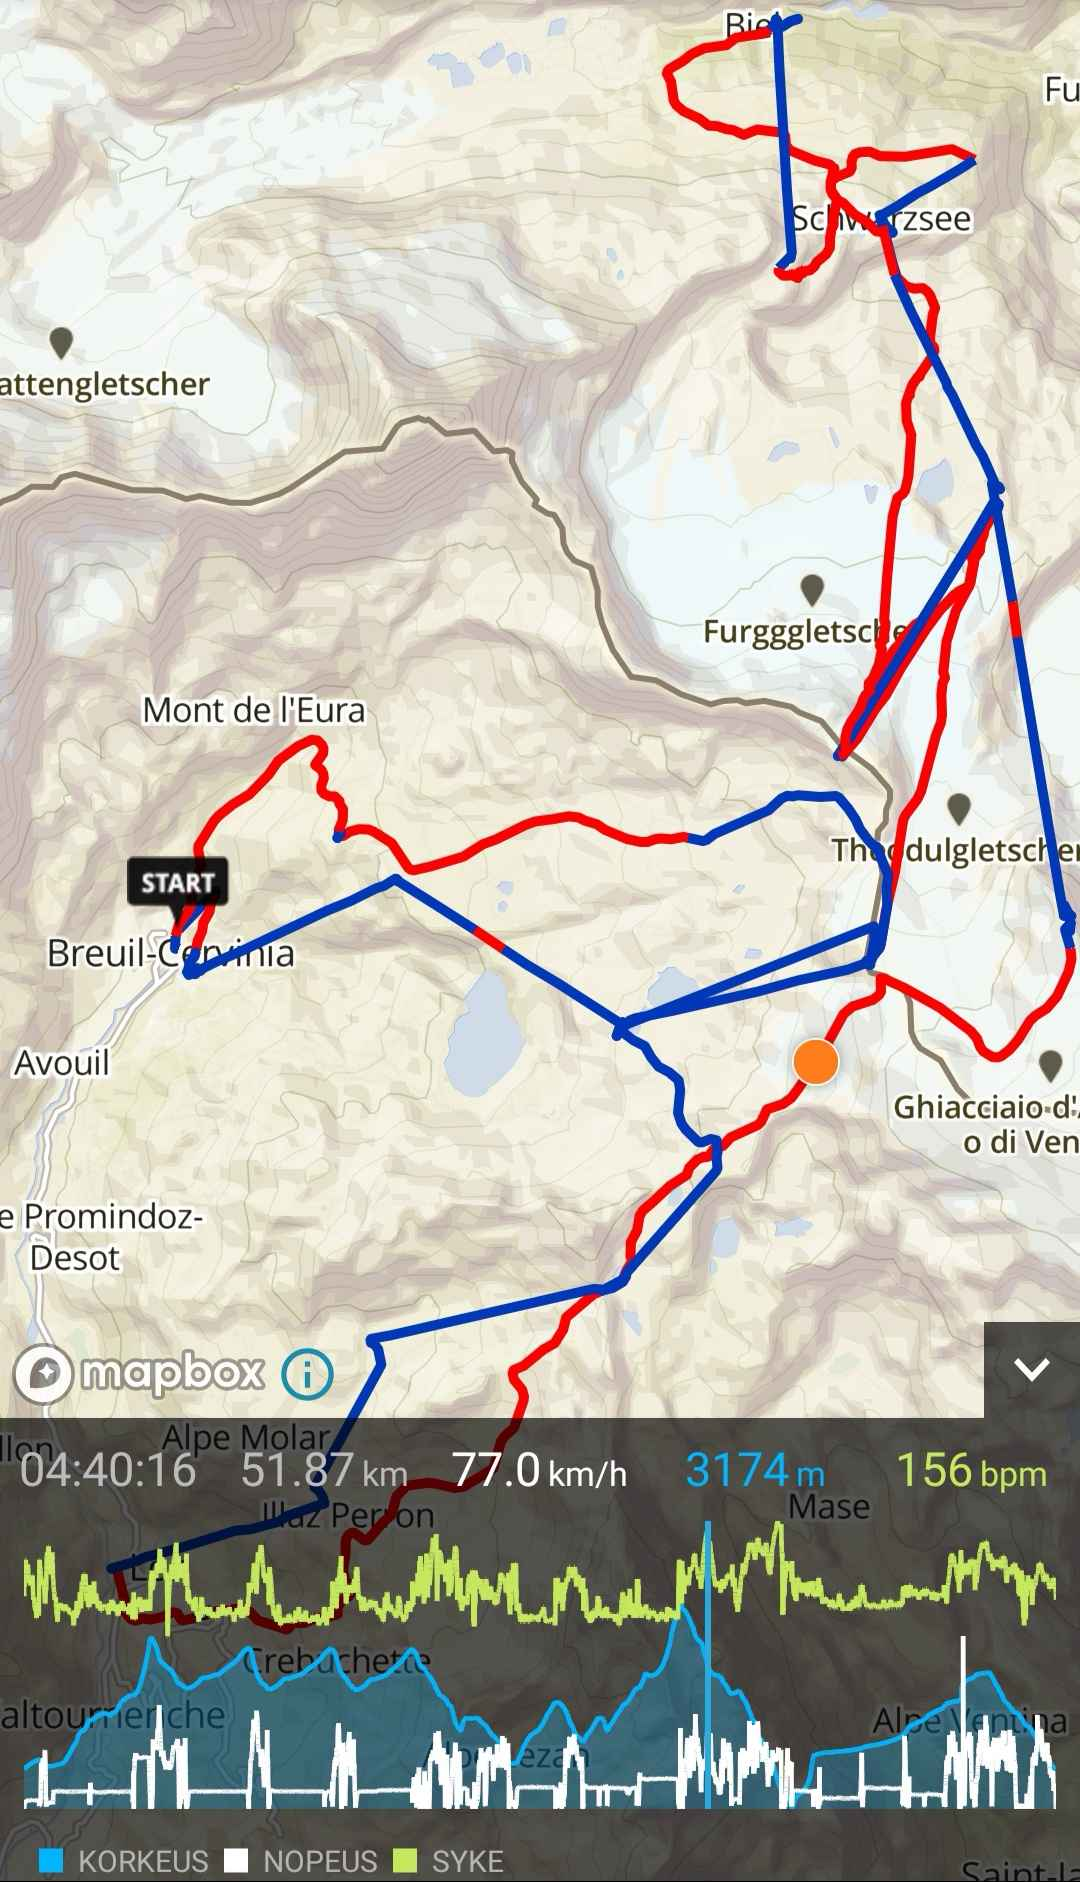 Yhden laskettelupäivän reitti Italian ja Sveitsin rinteillä.